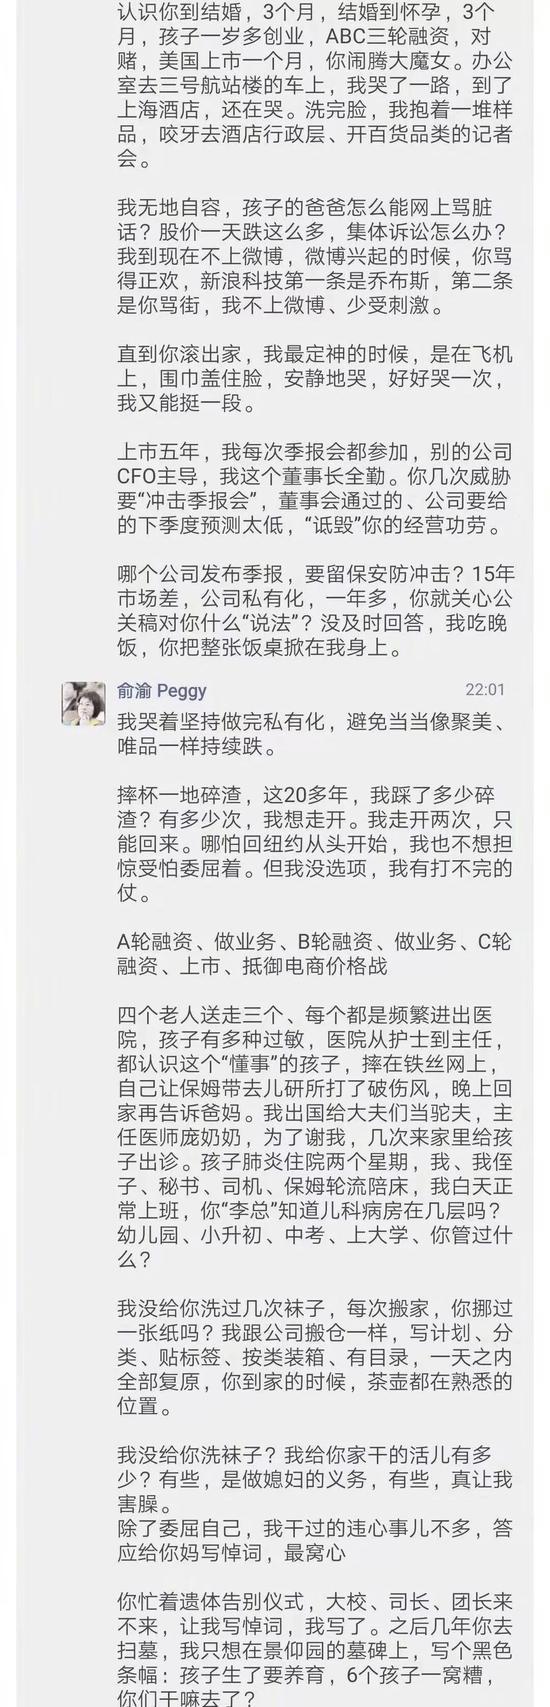 88优德官方网站_被回国男友传染,22岁姑娘患上艾滋!崩溃绝望中她写下遗书……